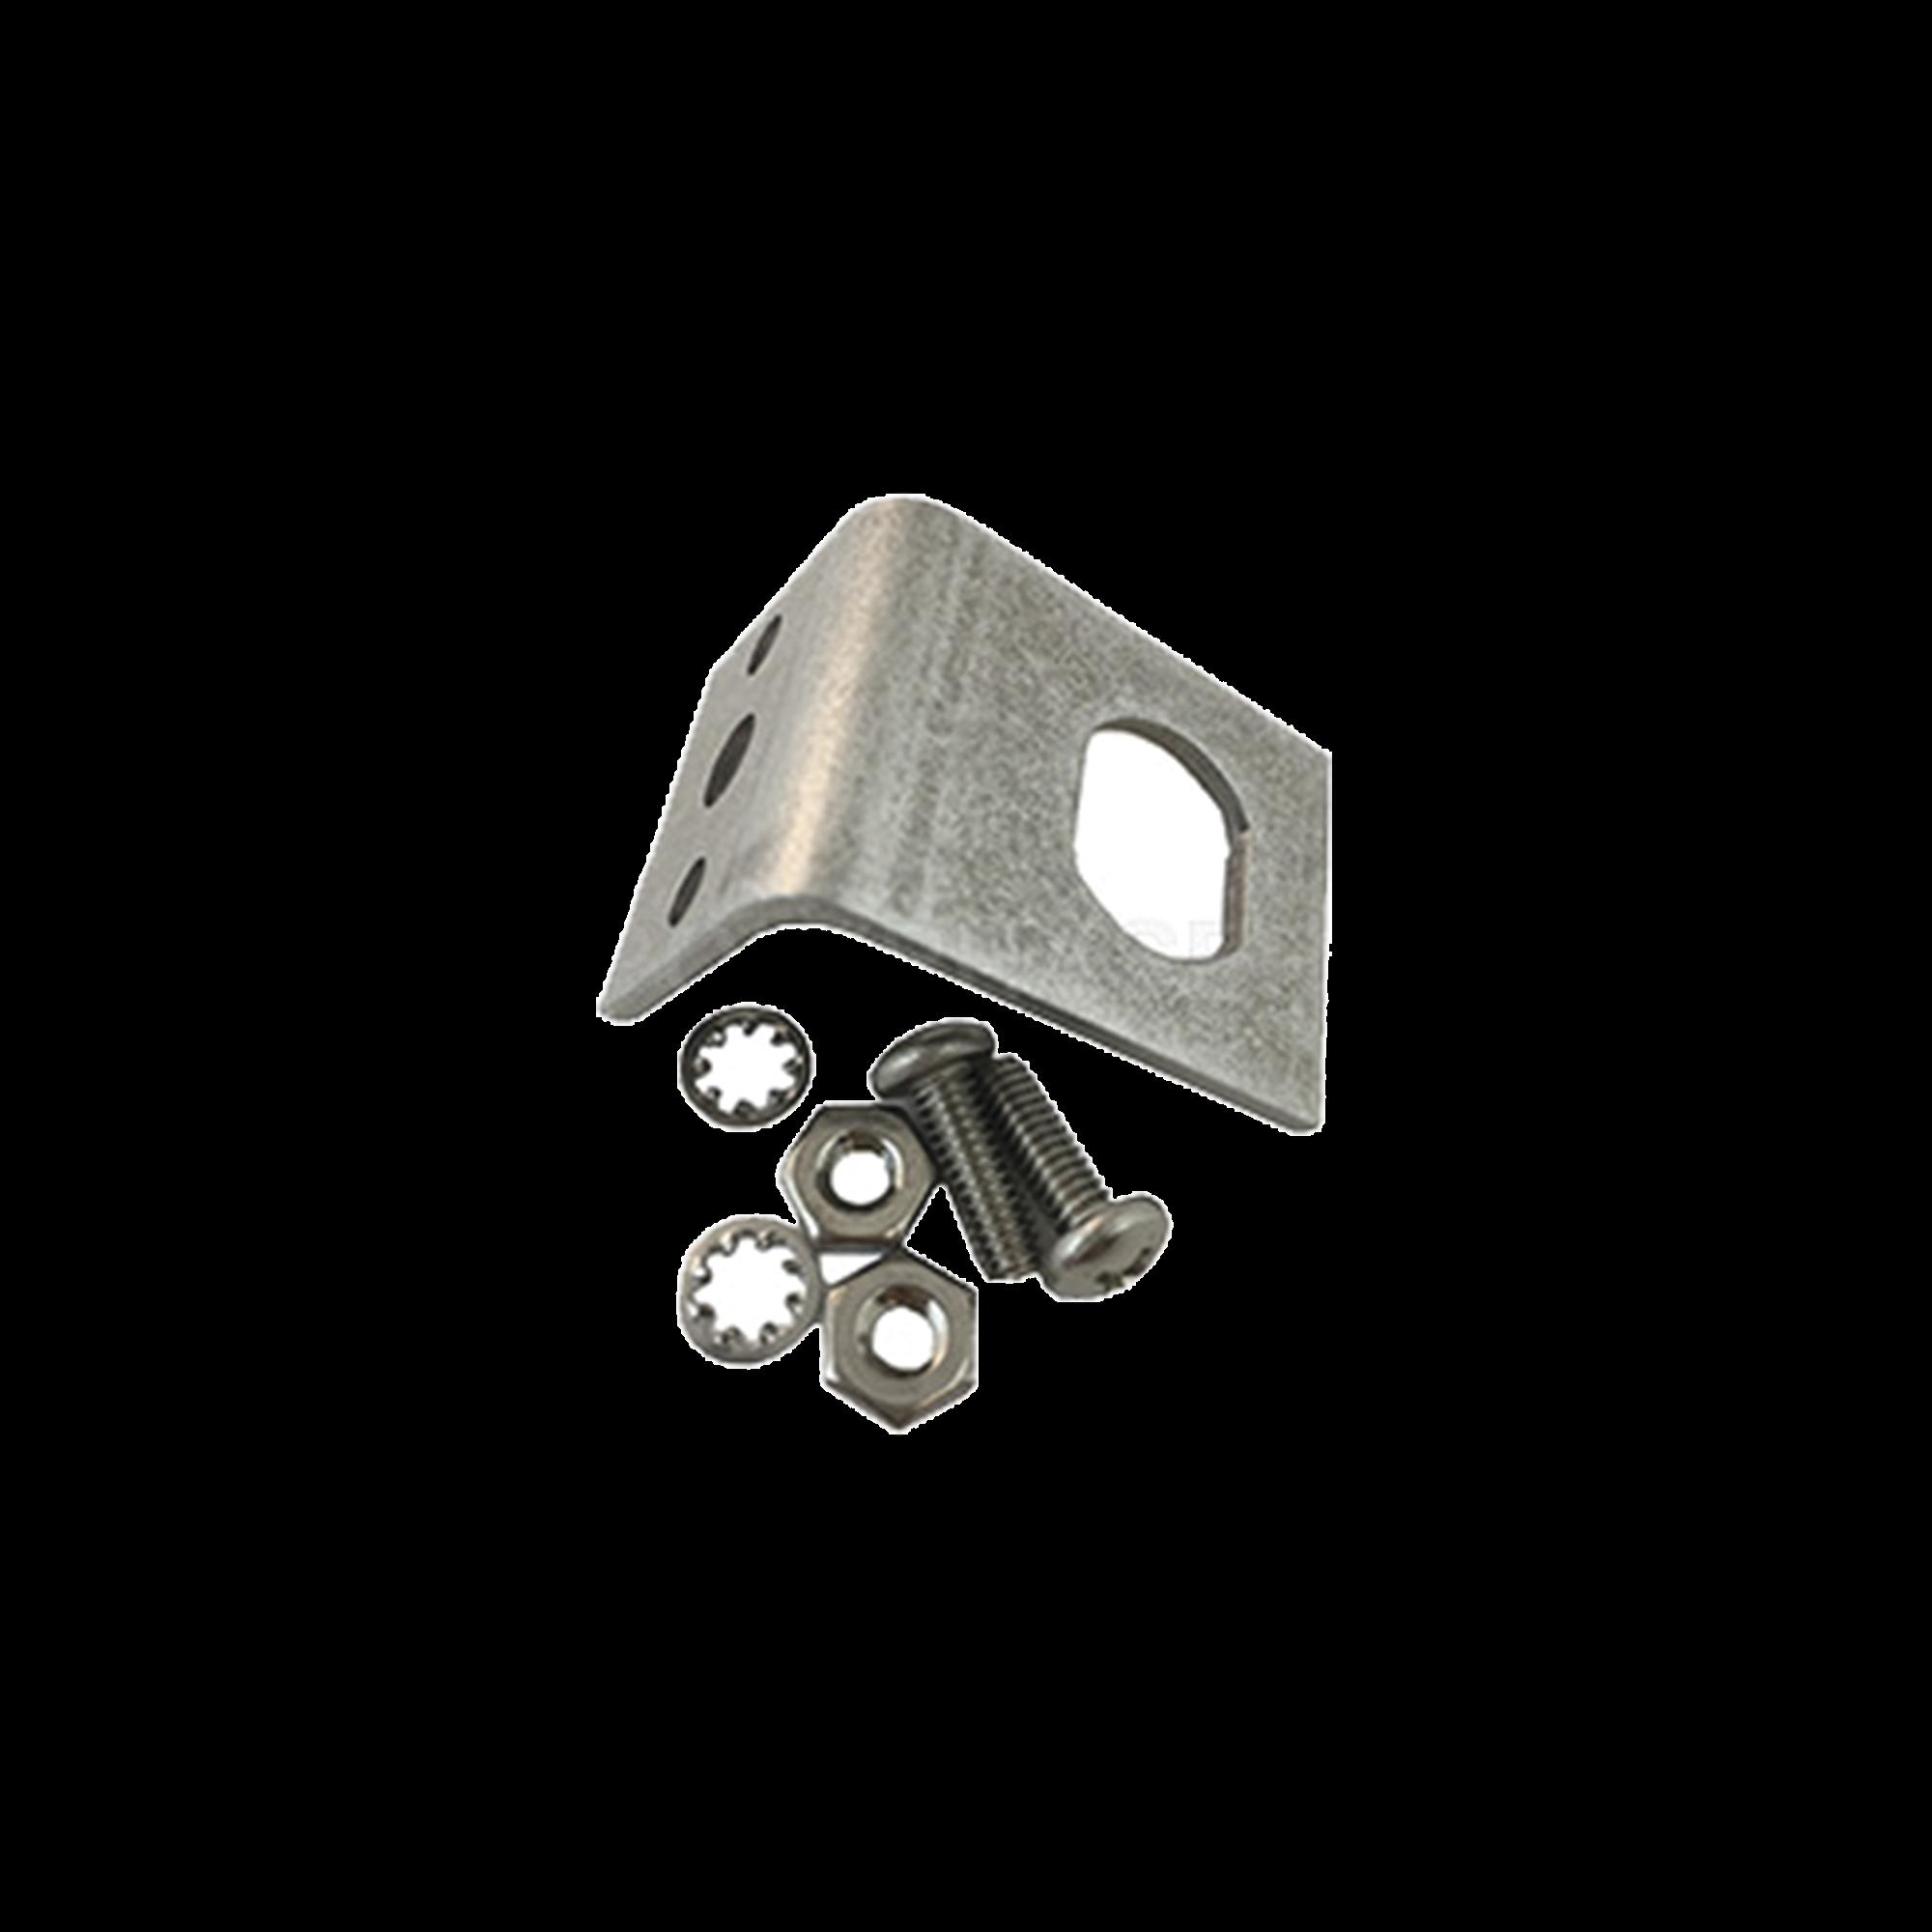 Kit Adaptador de Brida a Mamparo Para Protectores Con Conector Tipo N